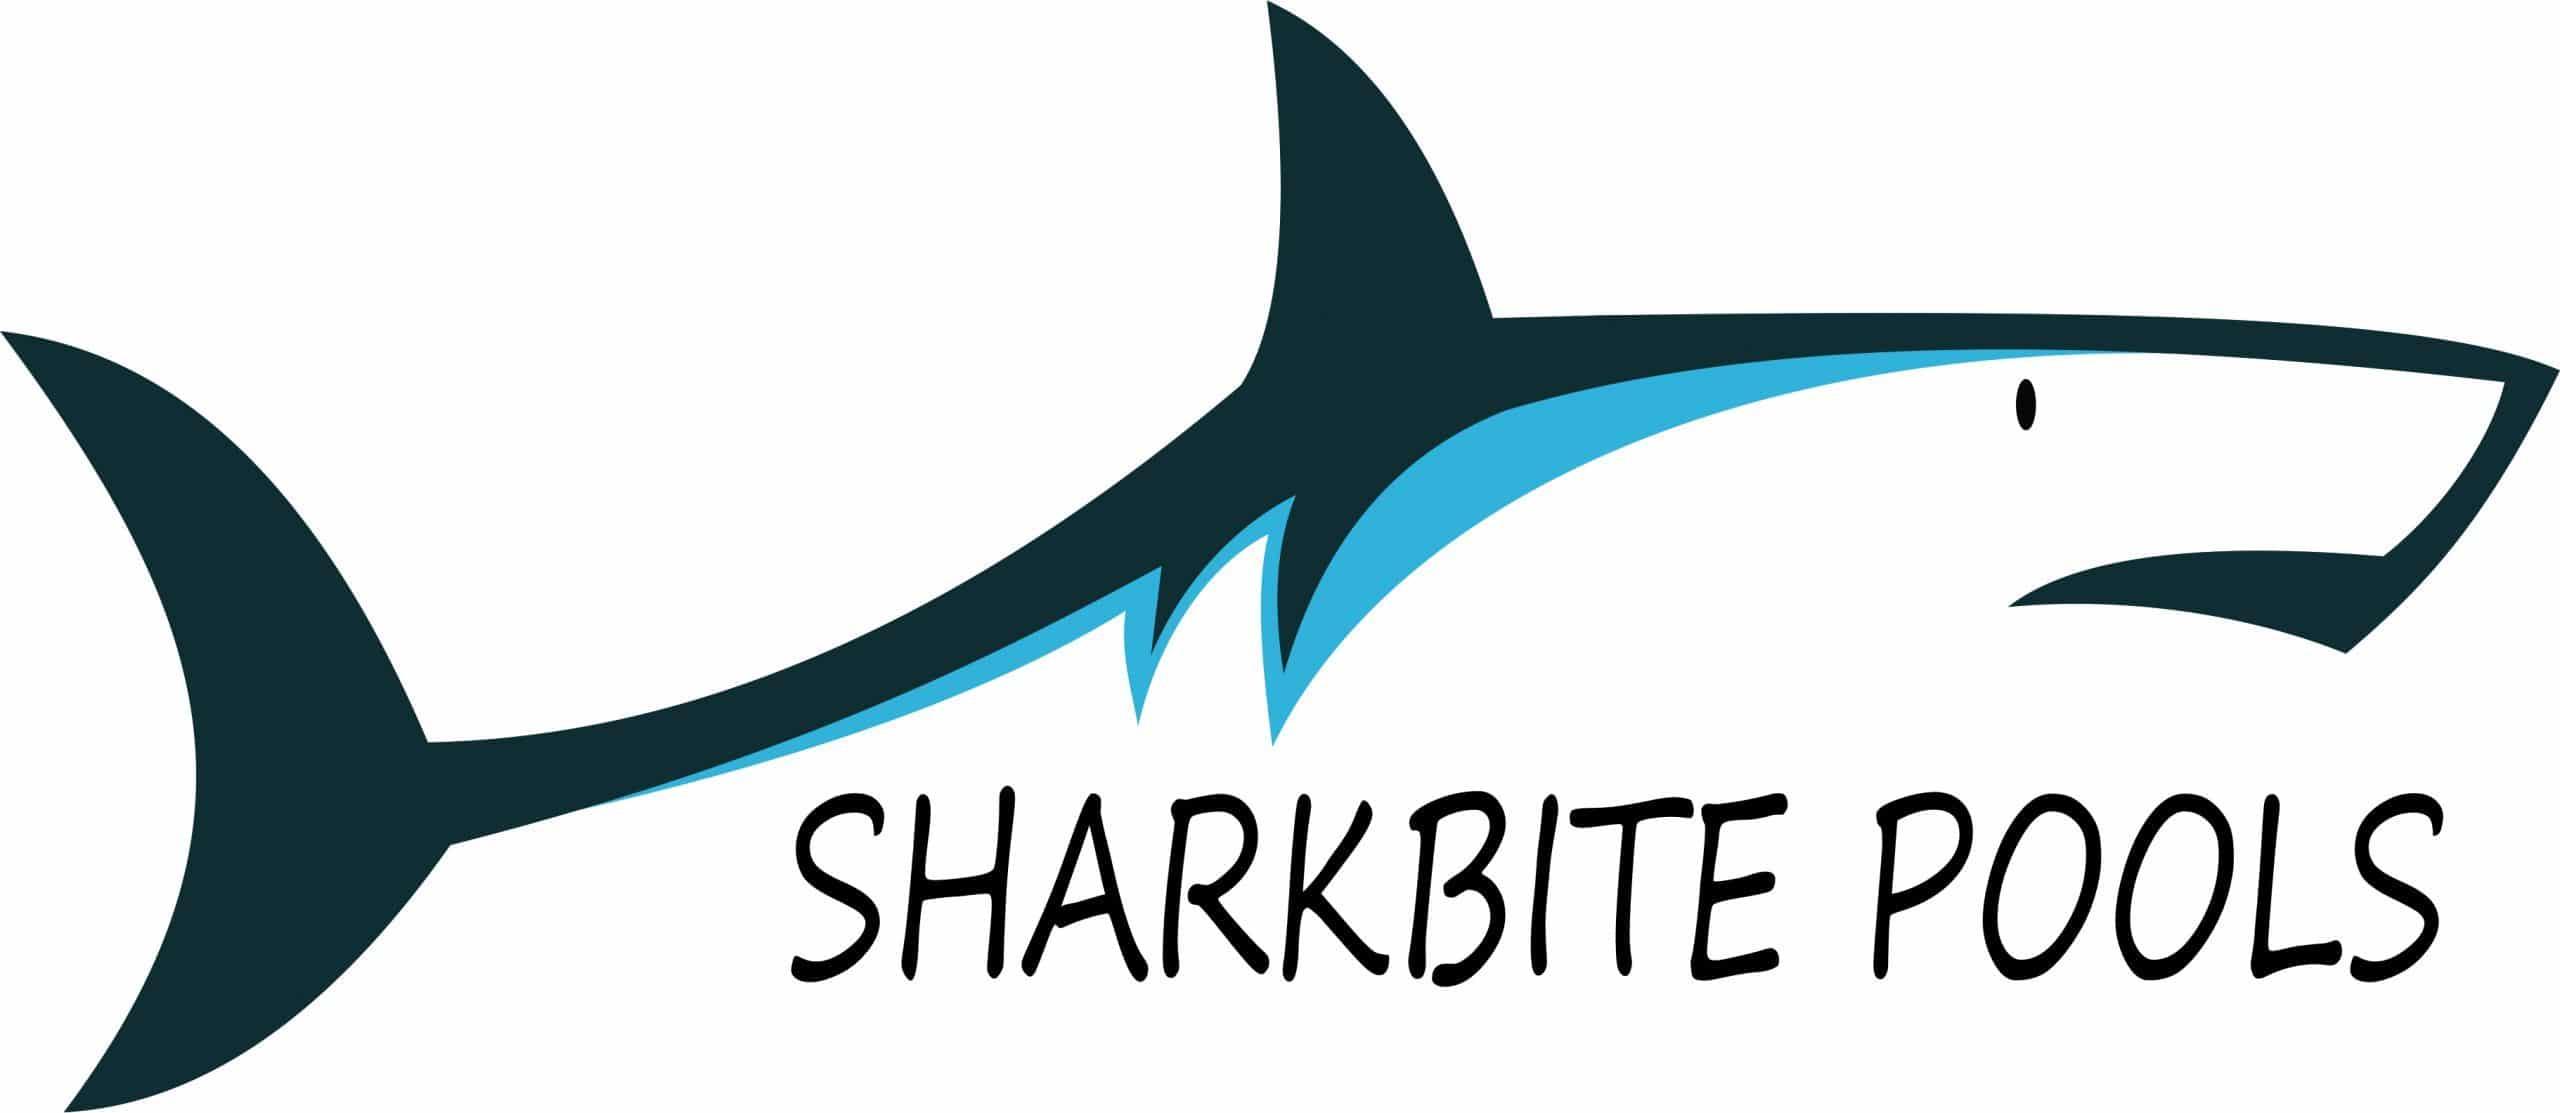 Sharkbite Pools